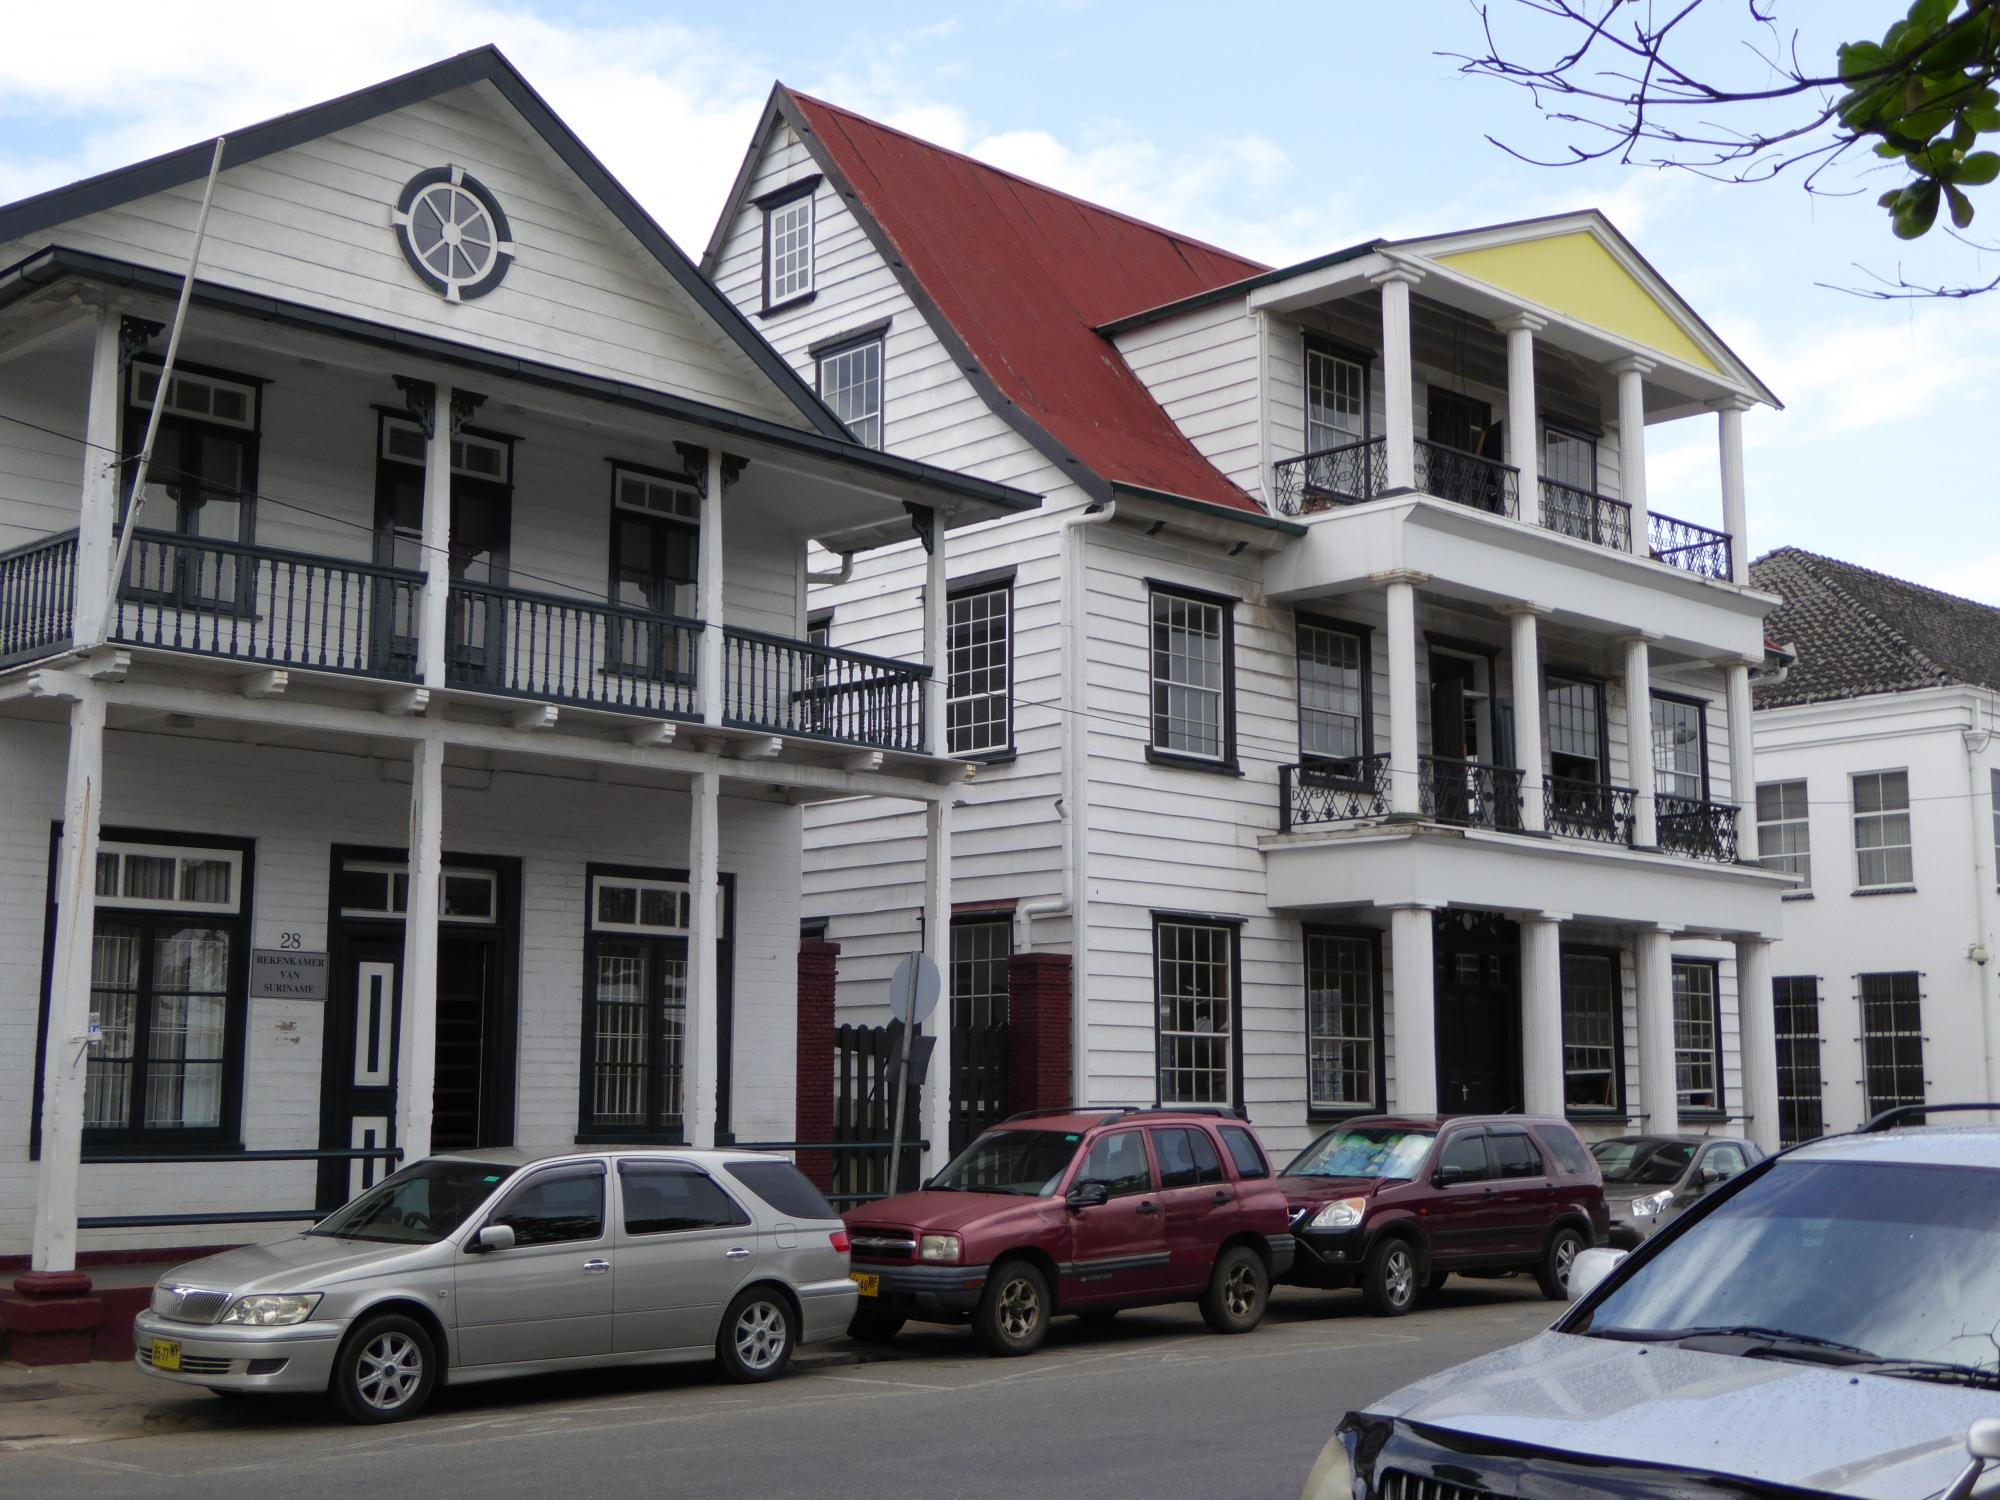 Historische_huizen